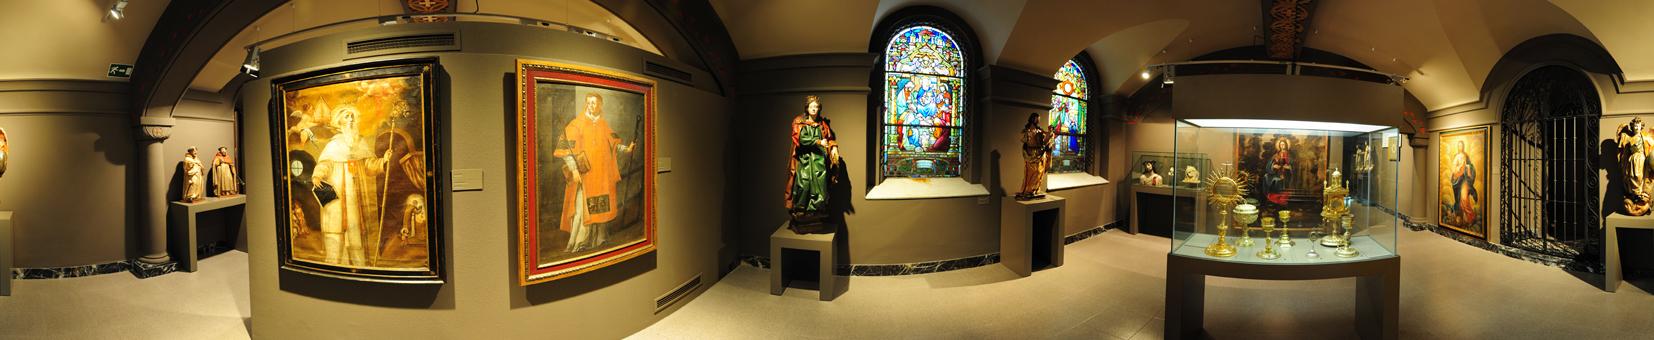 Sala 3 - El arte en el convento